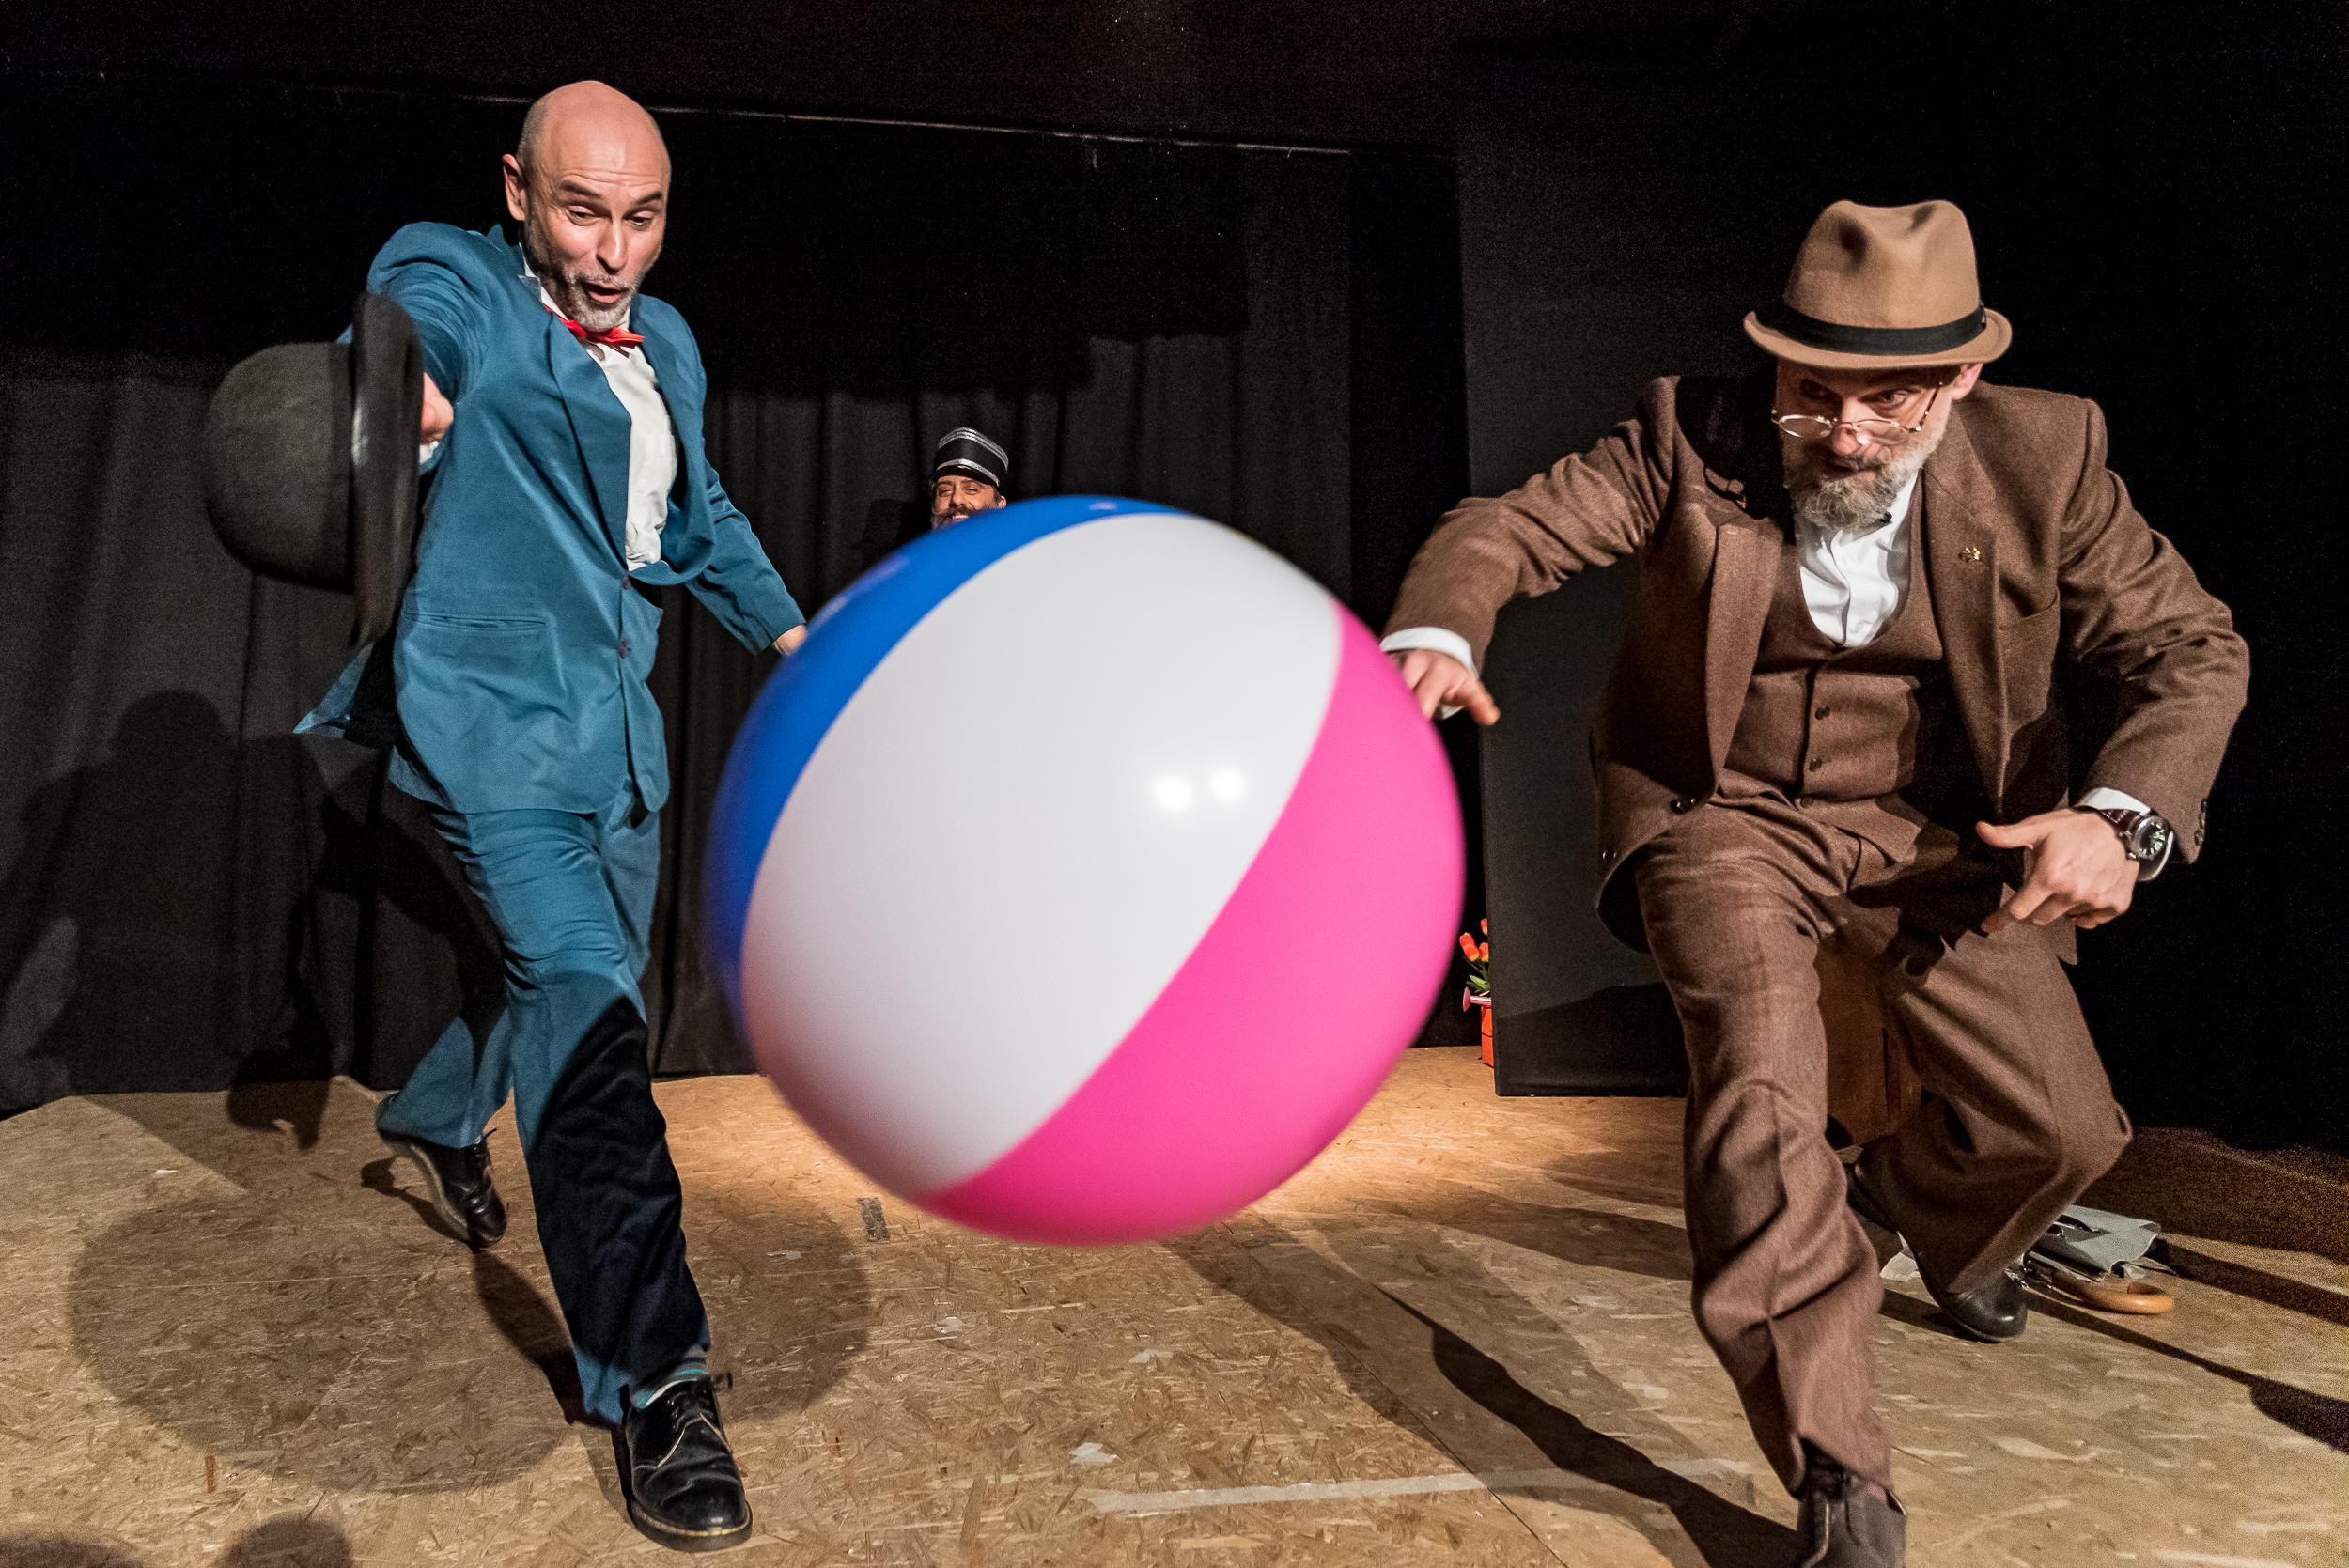 Foto dello spettacolo due uomini, un ombrello e una valigia.